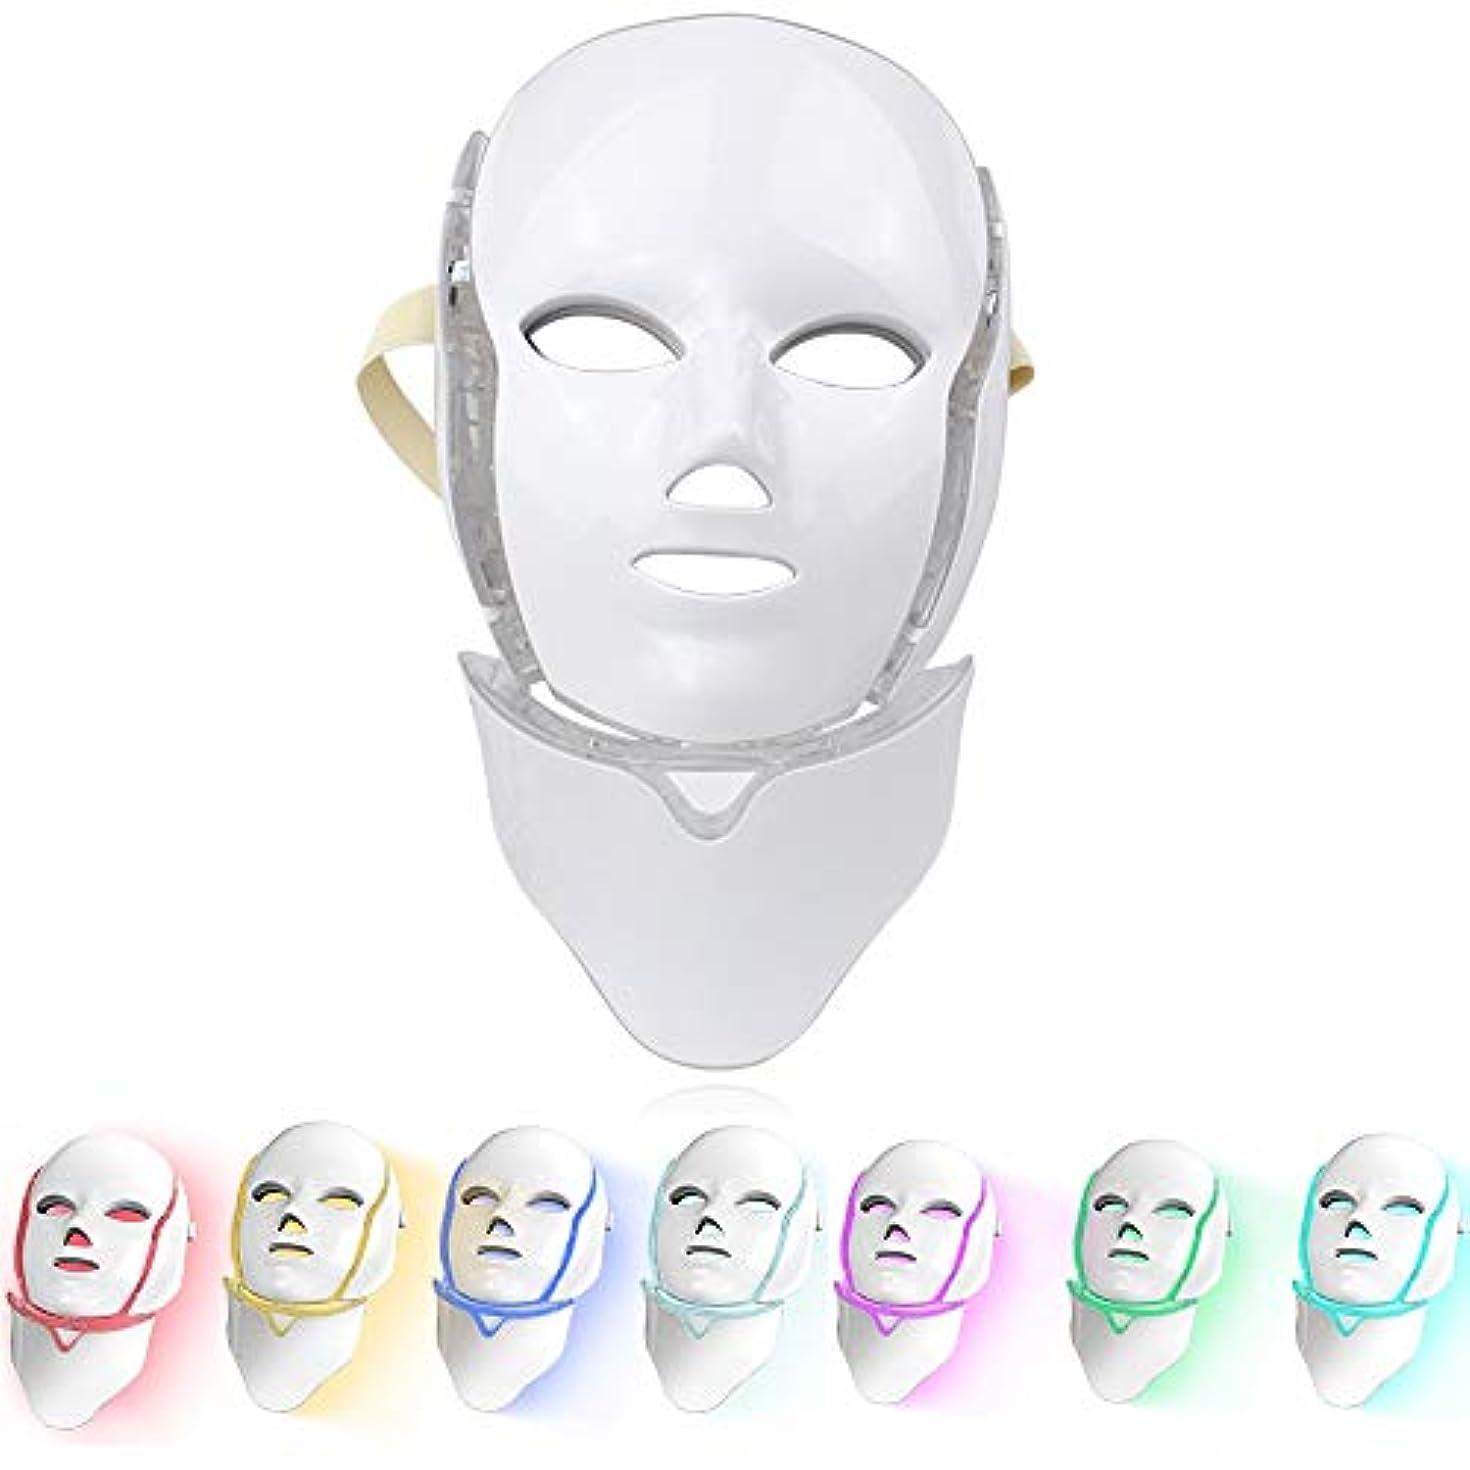 依存する線形キュービックLED光線療法マスク(ネック付き)7色光線治療スキンケア美容光線療法アンチエイジングアクネリンクルマスク